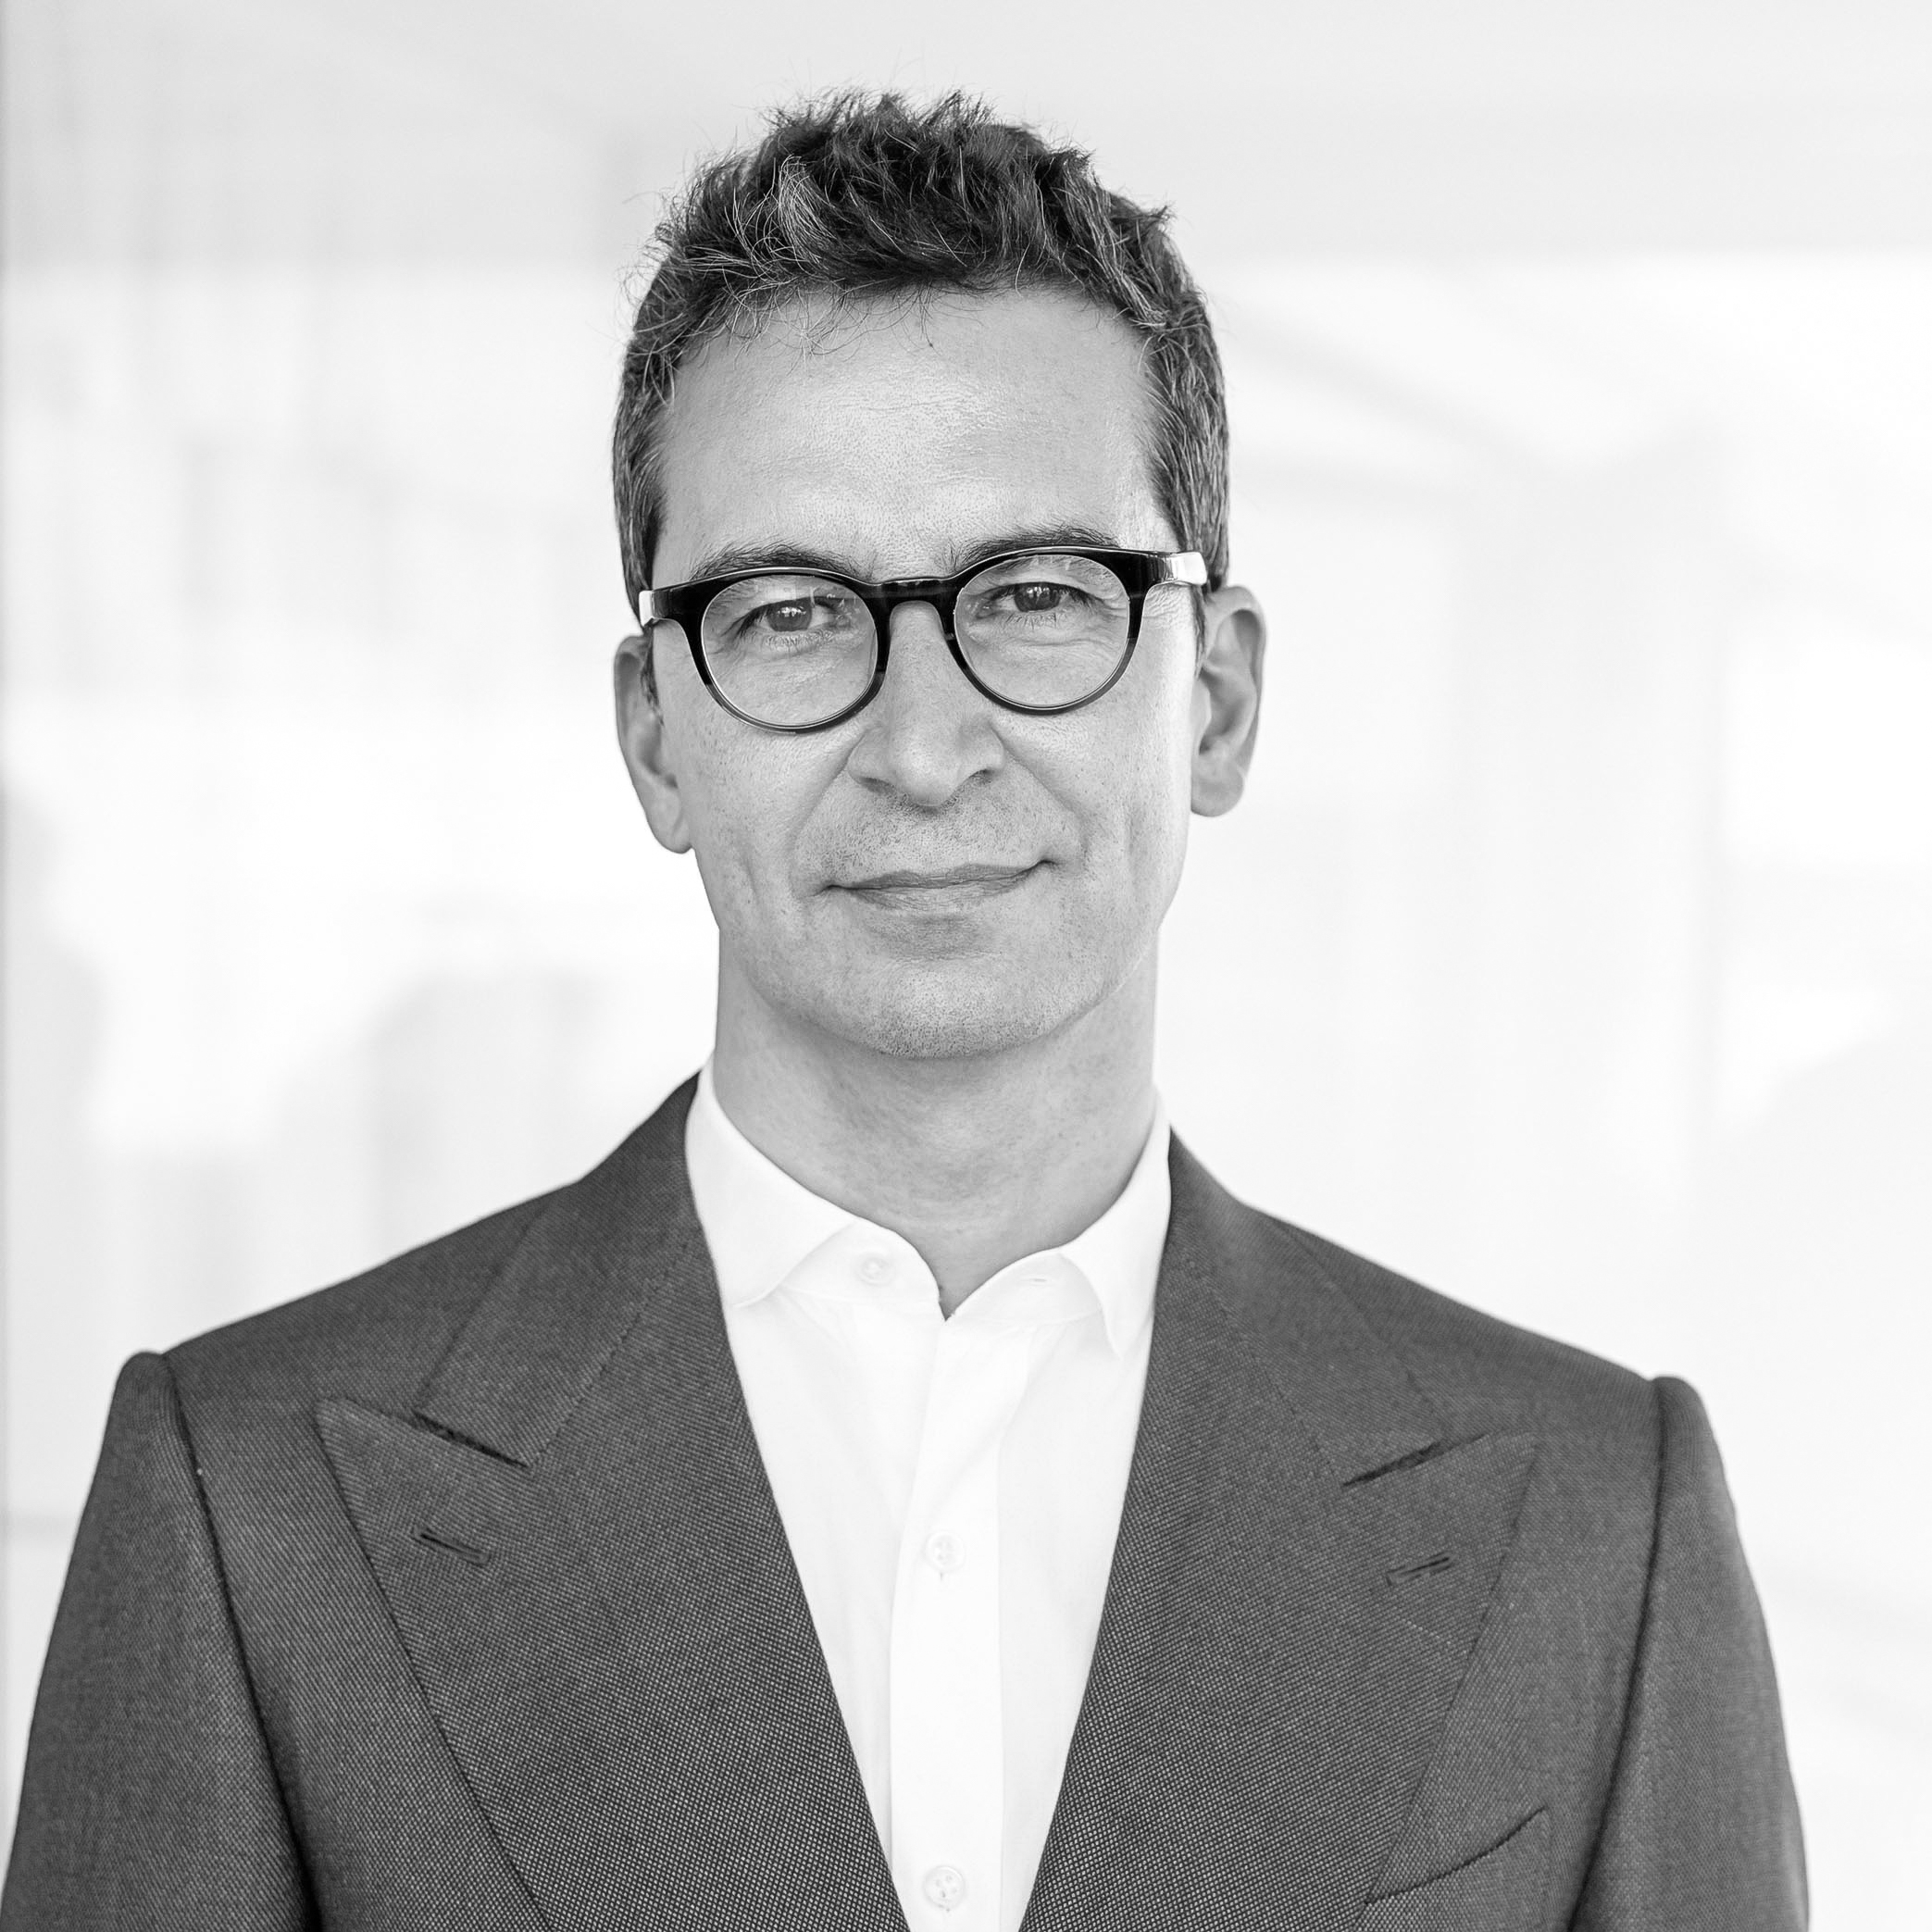 Federico Marchetti - Fondatore e Amministratore Delegato, YOOX NET-A-PORTER GROUP